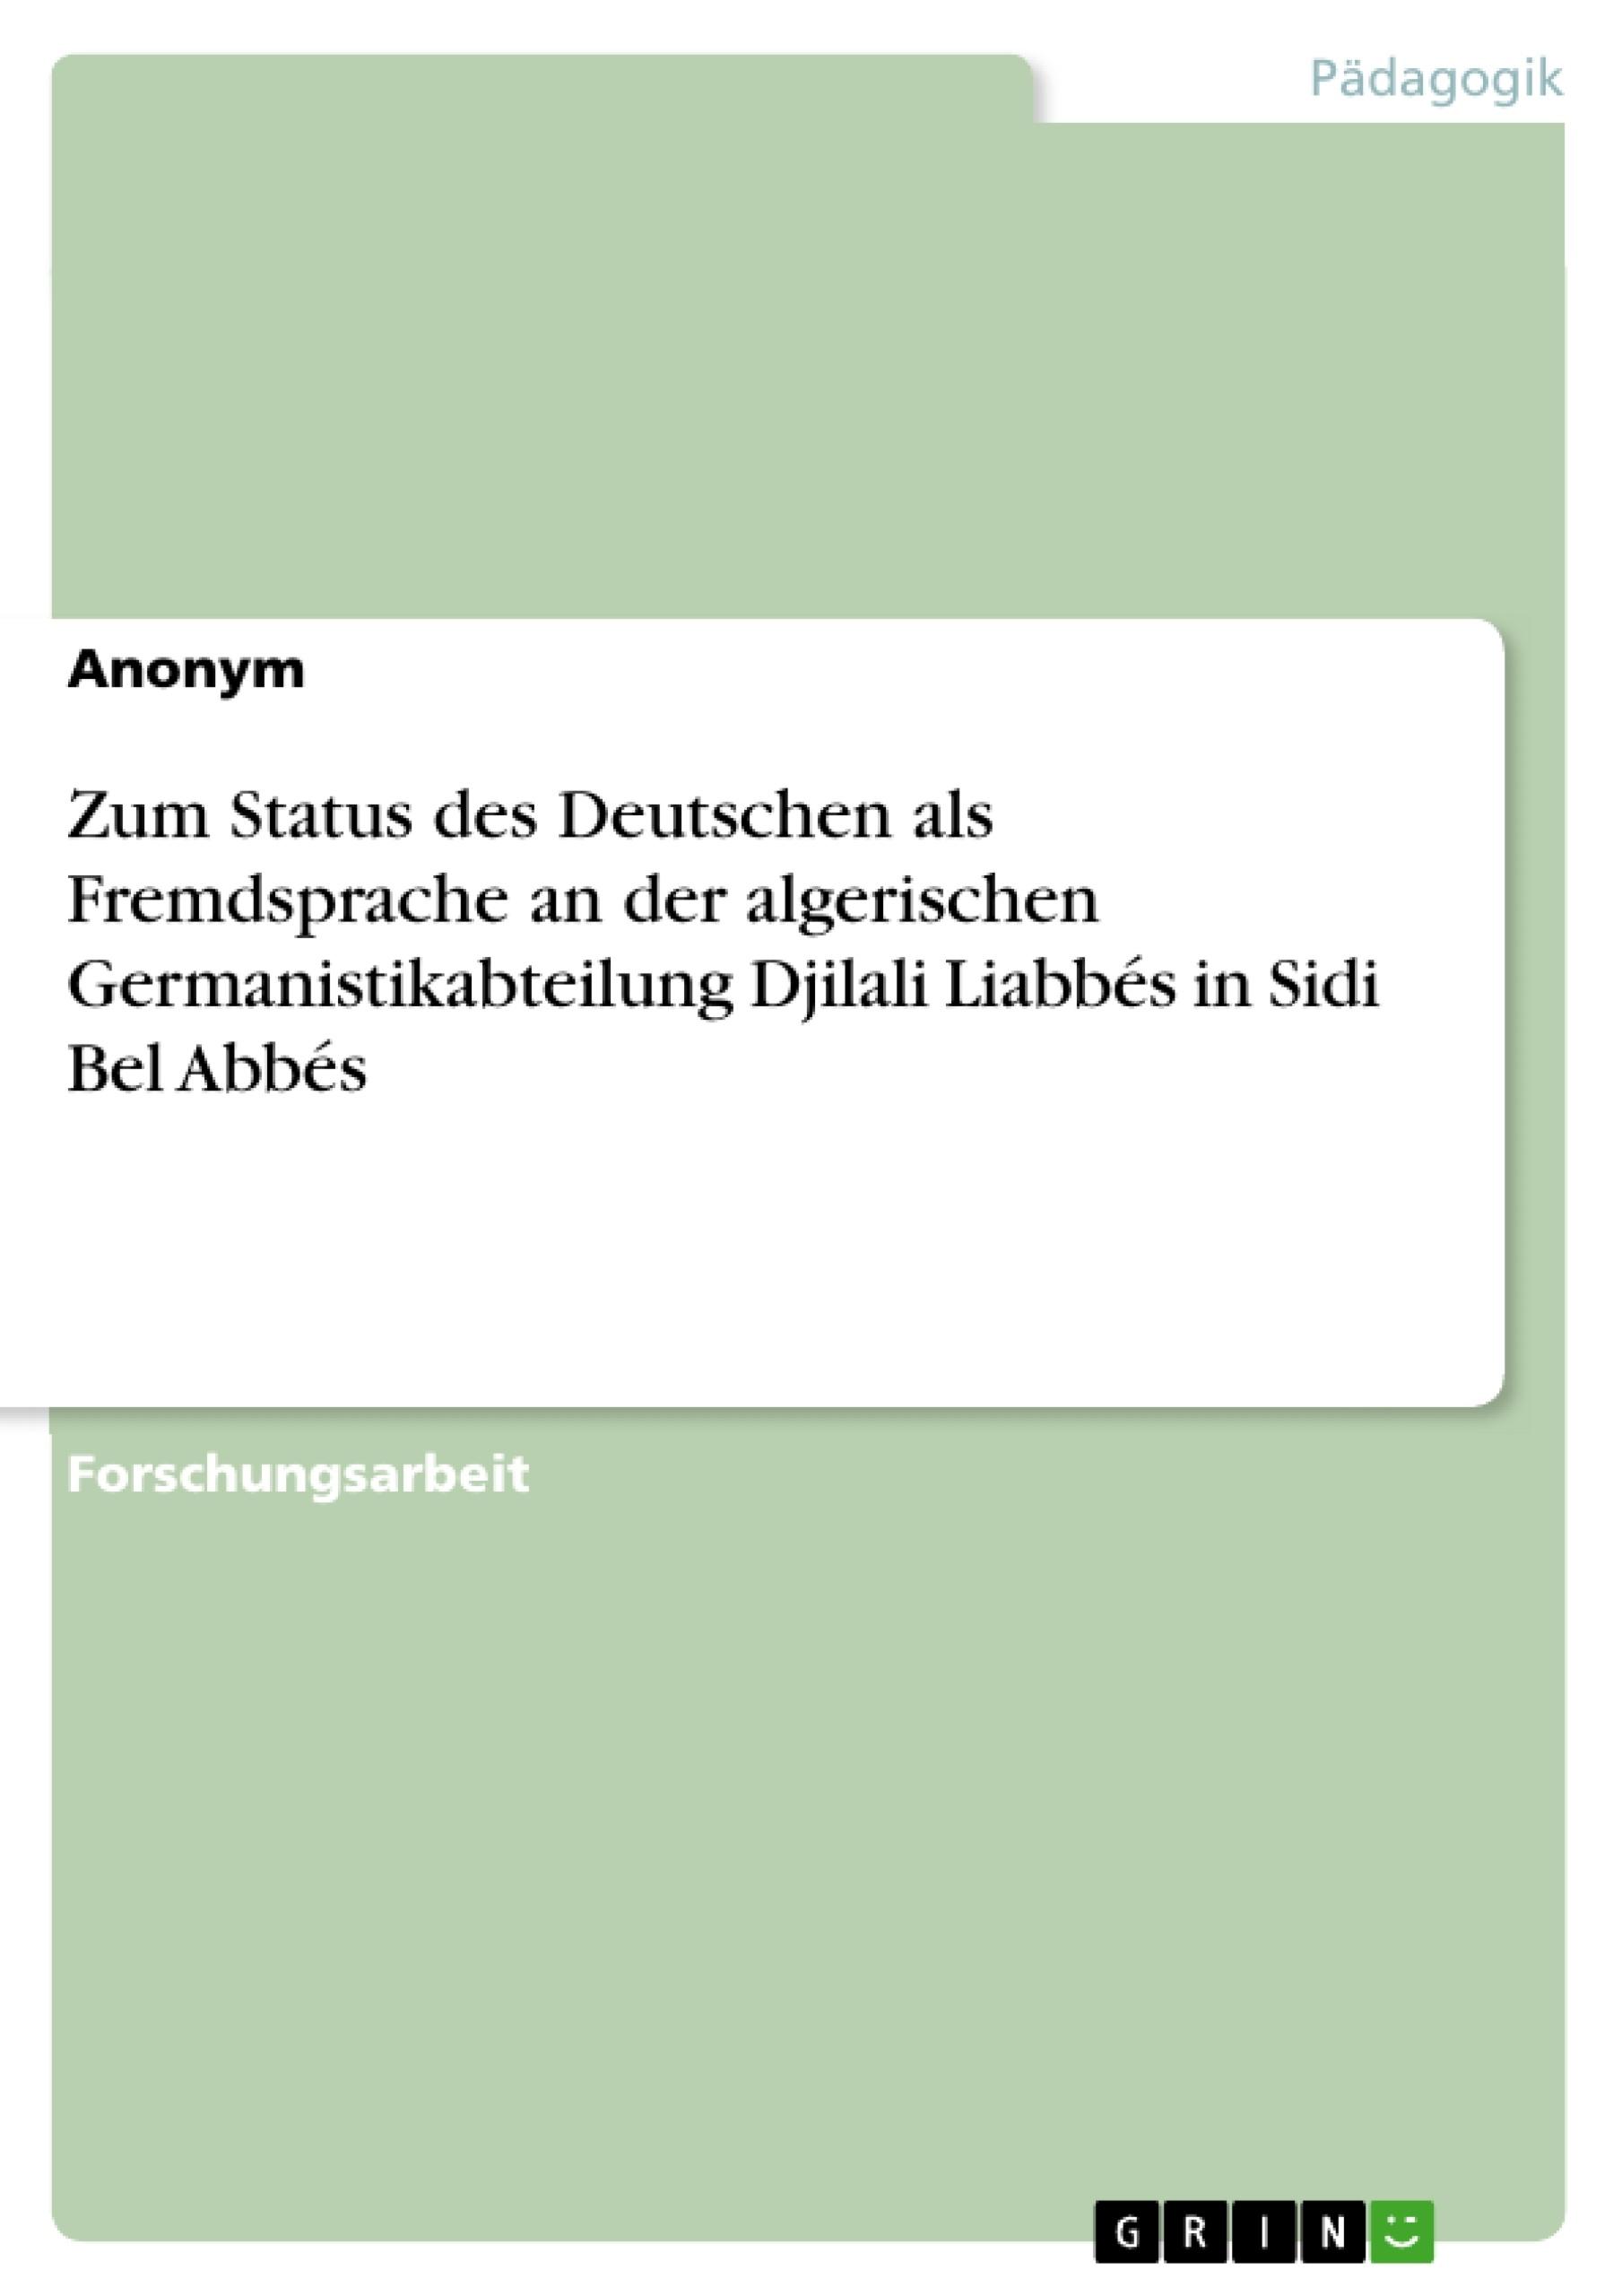 Titel: Zum Status des Deutschen als Fremdsprache an der algerischen Germanistikabteilung Djilali Liabbés in Sidi Bel Abbés